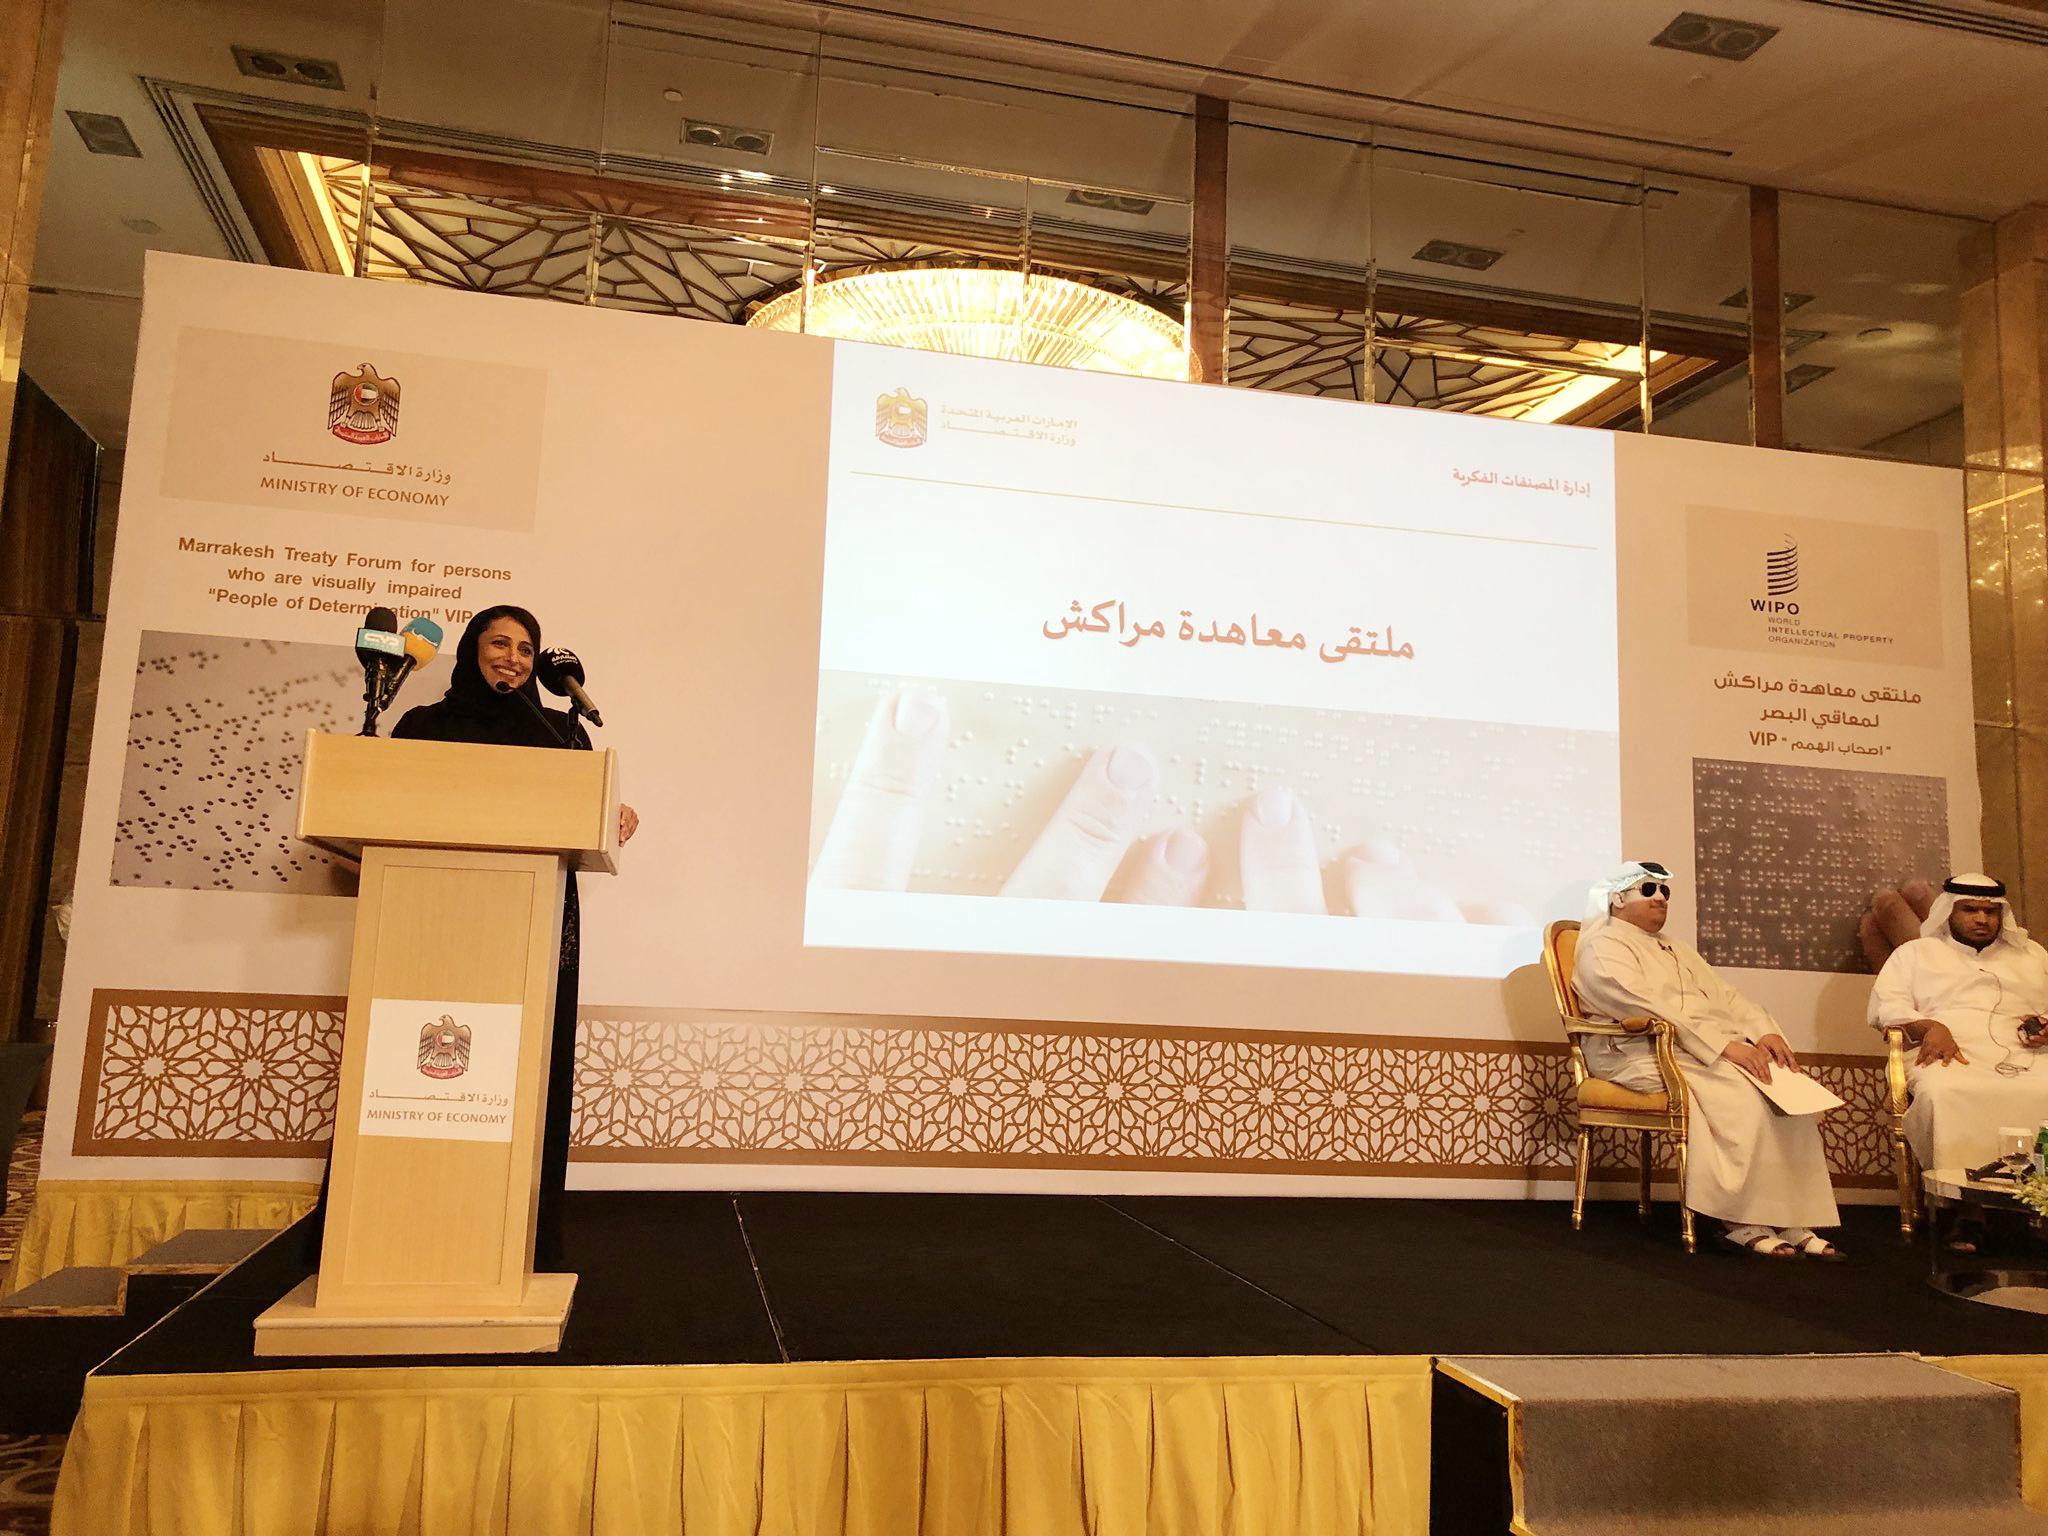 ملتقى في دبي لتطبيق معاهدة مراكش لإتاحة الكتب للأشخاص المكفوفين وضعاف البصر